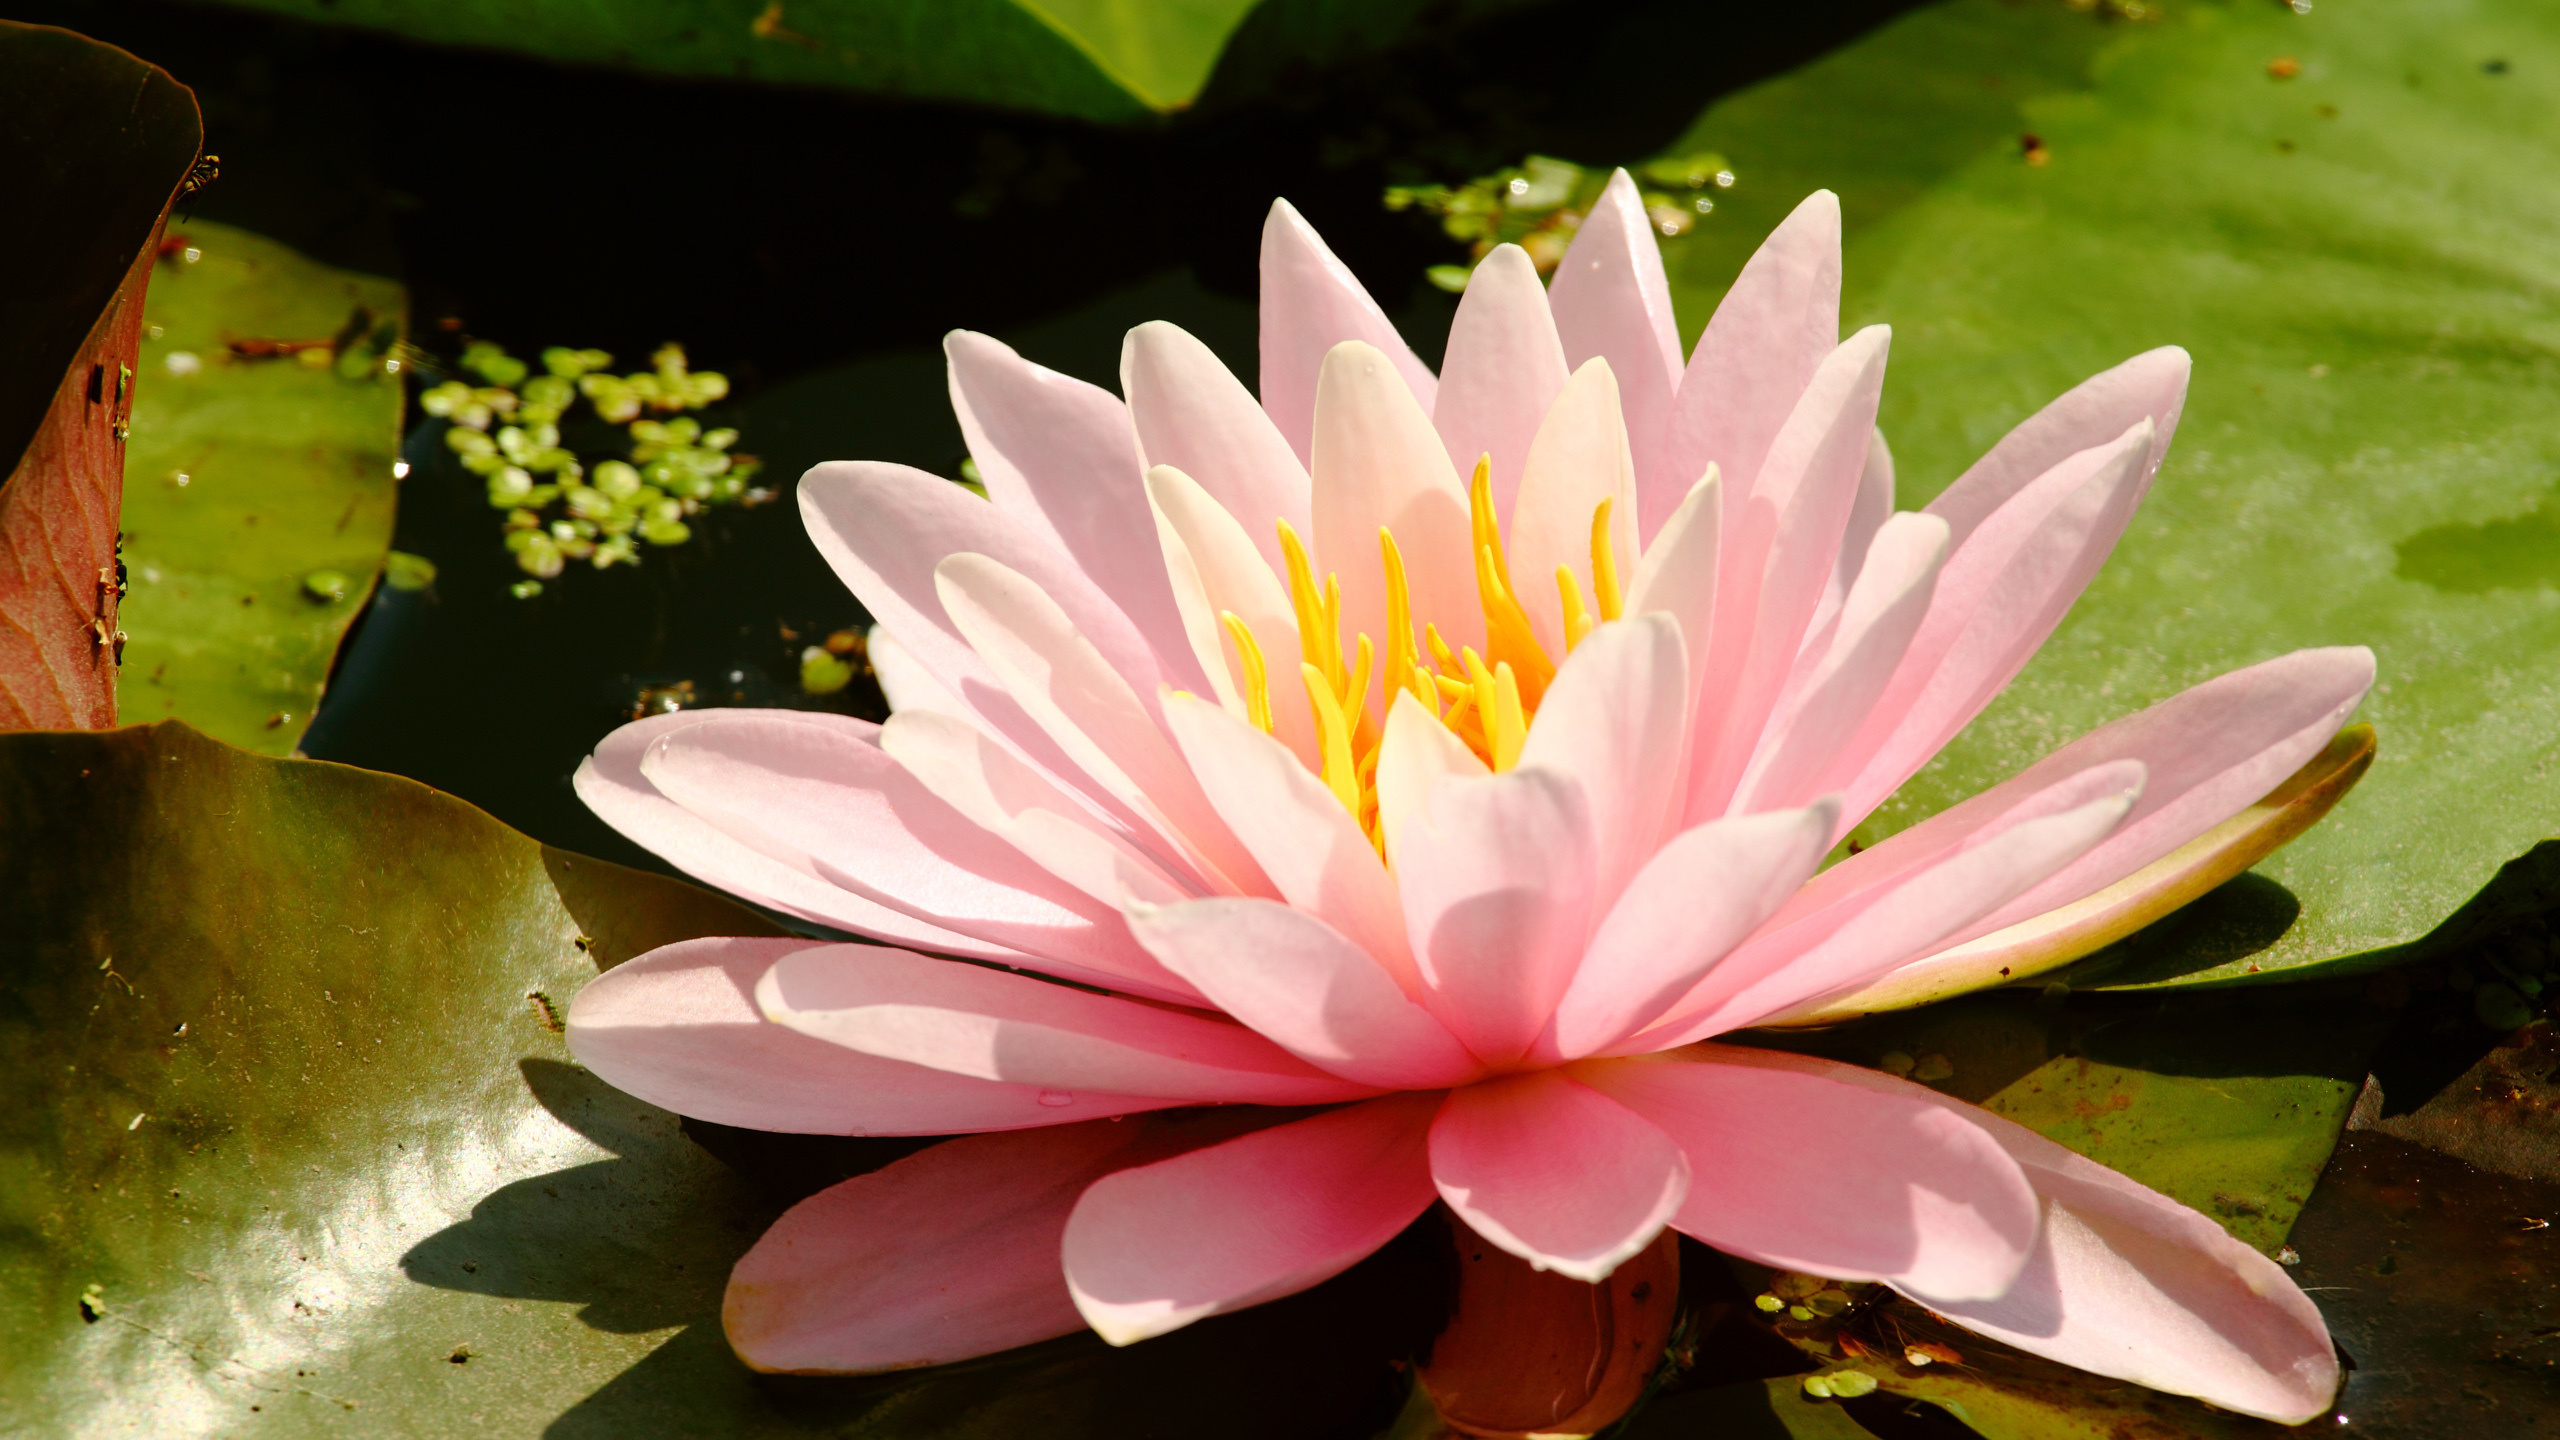 его помощью картинки в болотном цвете это место тем